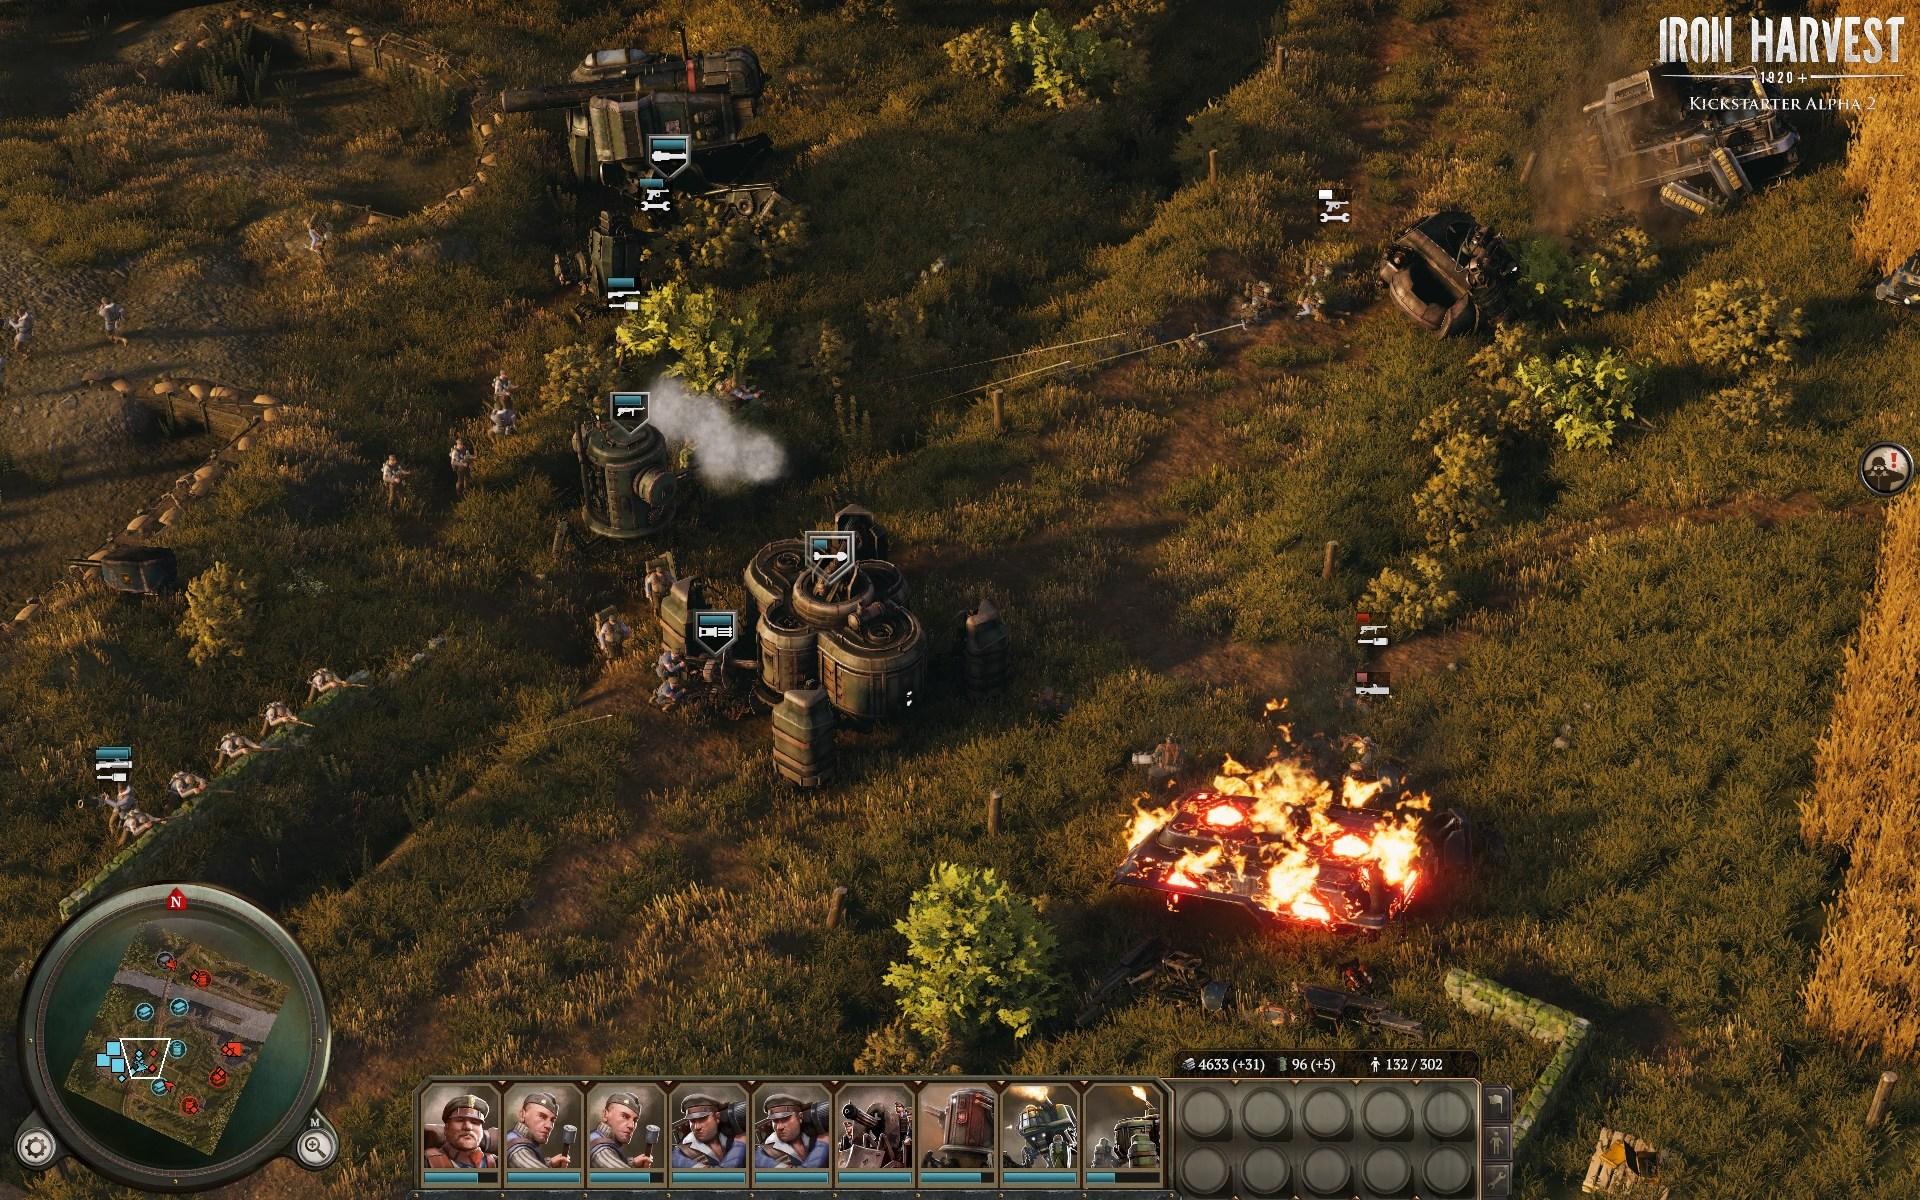 Альфа-версия - Iron Harvest